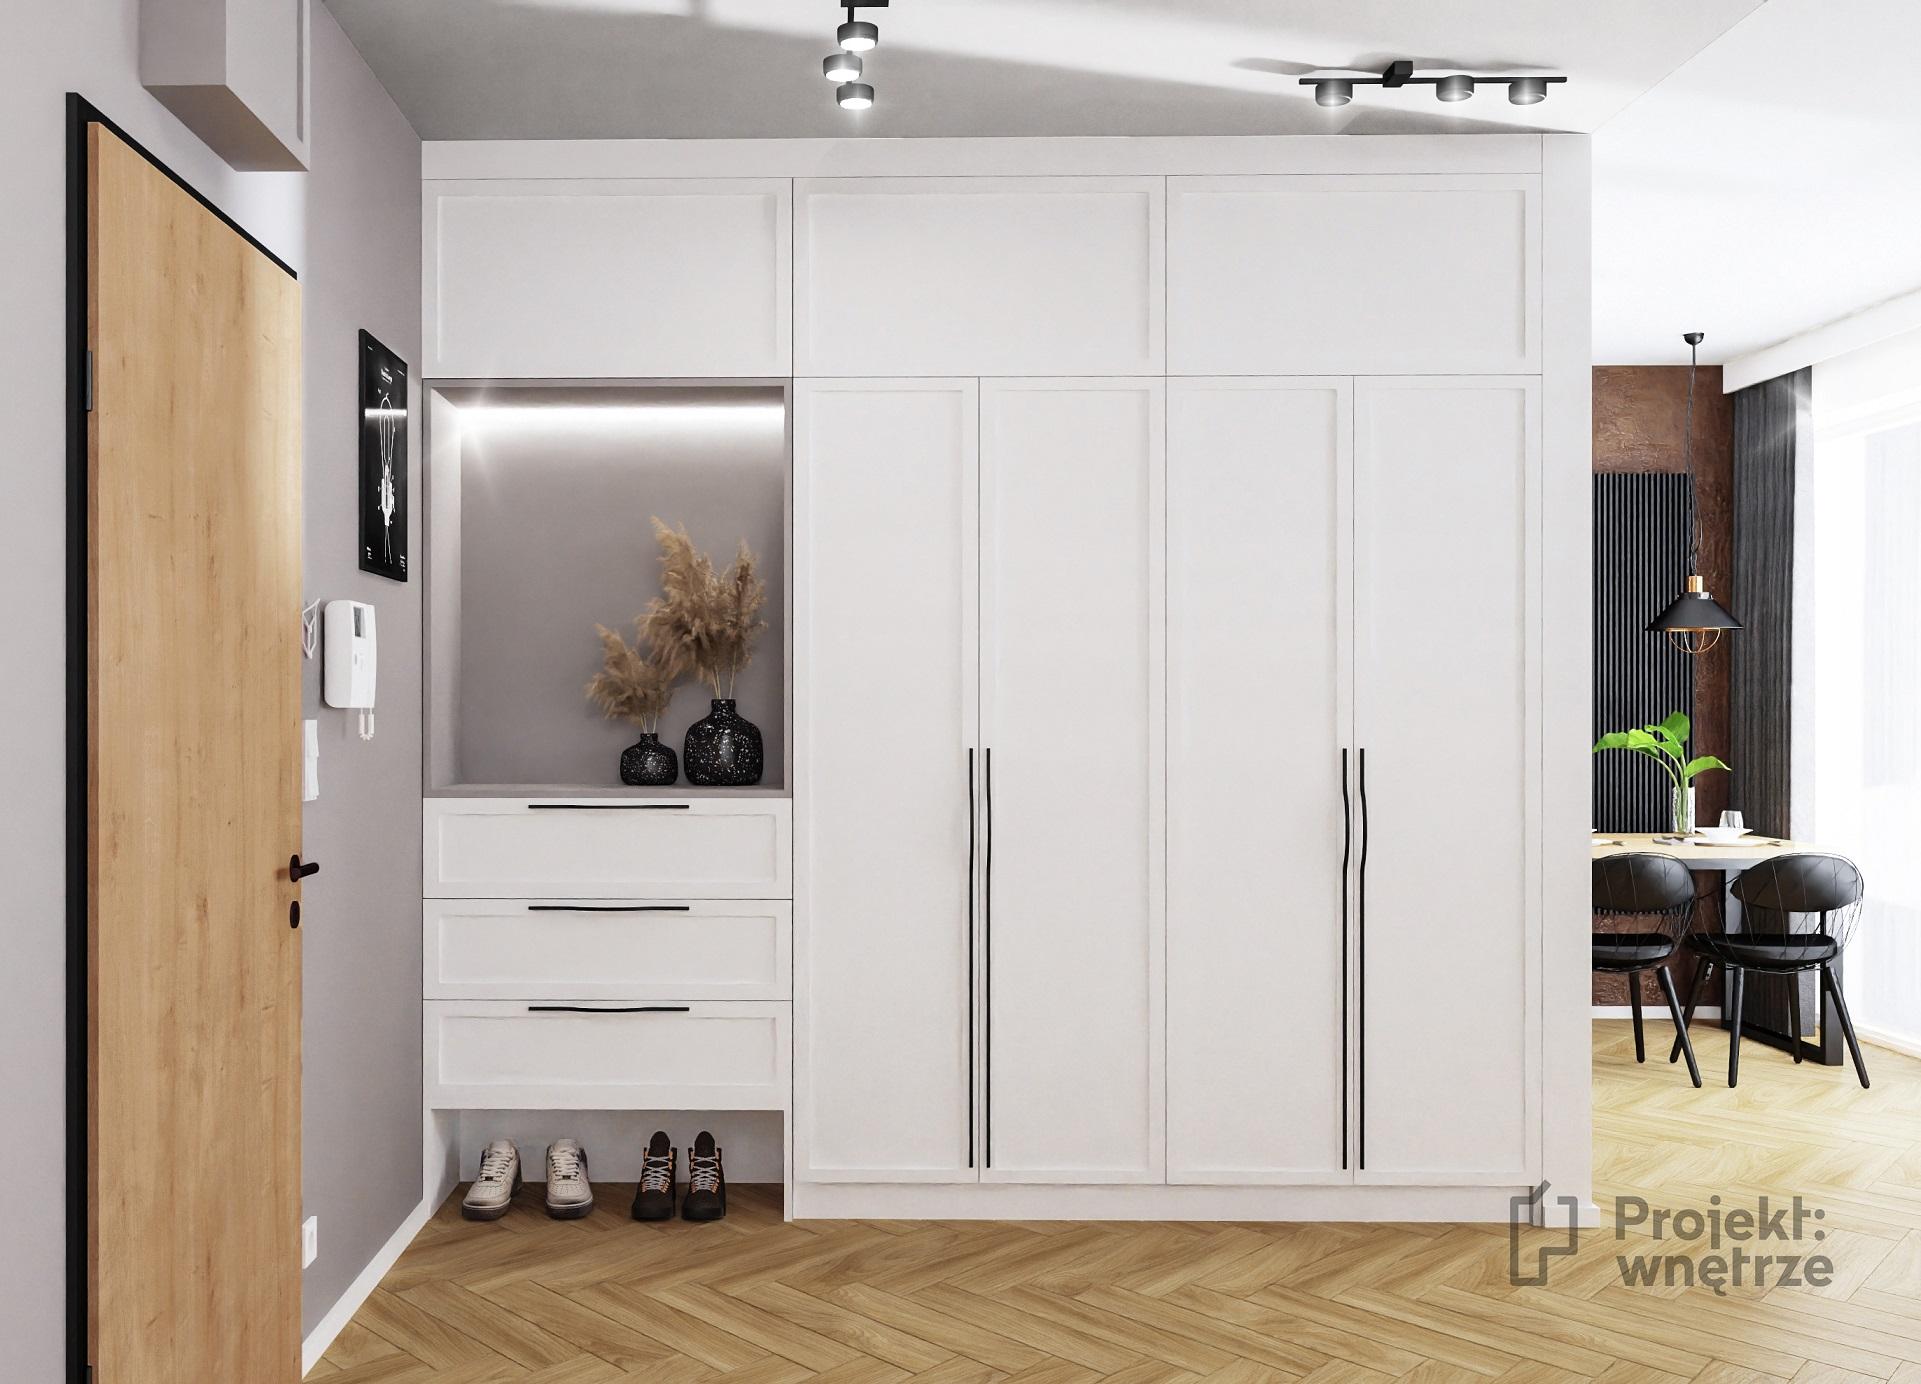 Projekt wnętrze mieszkanie w stylu loft korytarz hol cegła lustro loft biała wysoka zabudowa panele winylowe jodełka (1)